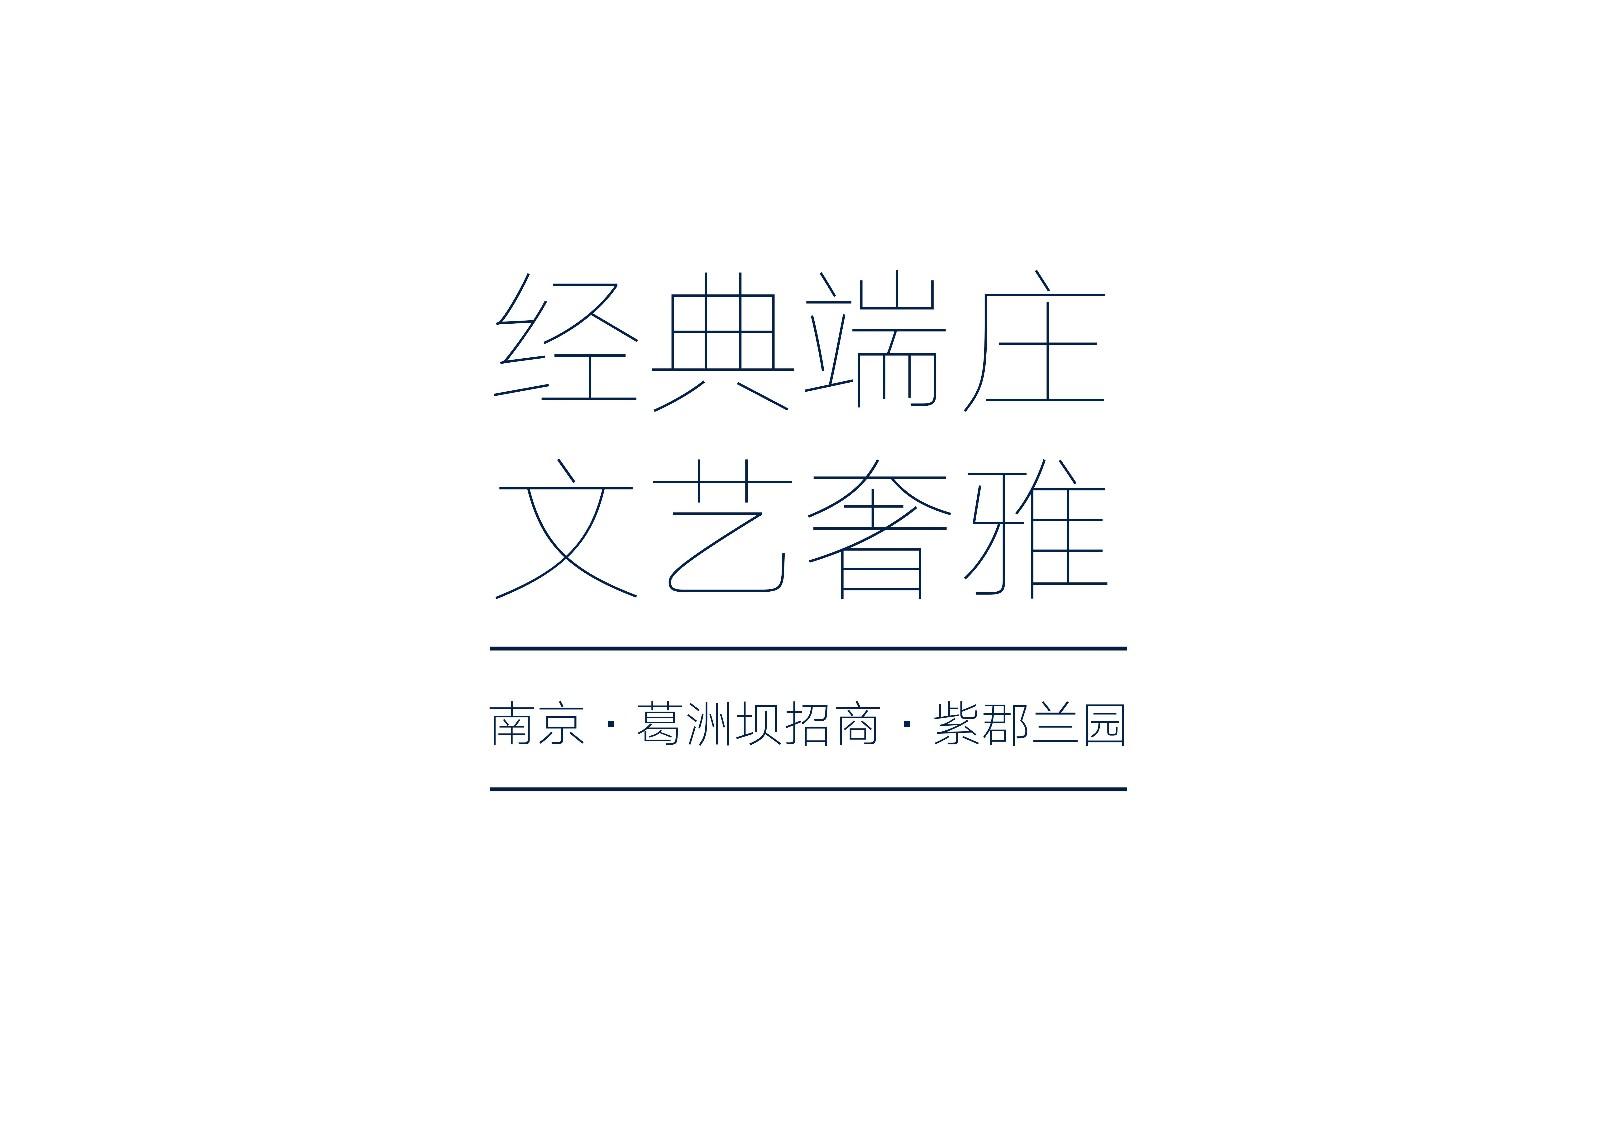 南京葛洲坝大字报_00.jpg